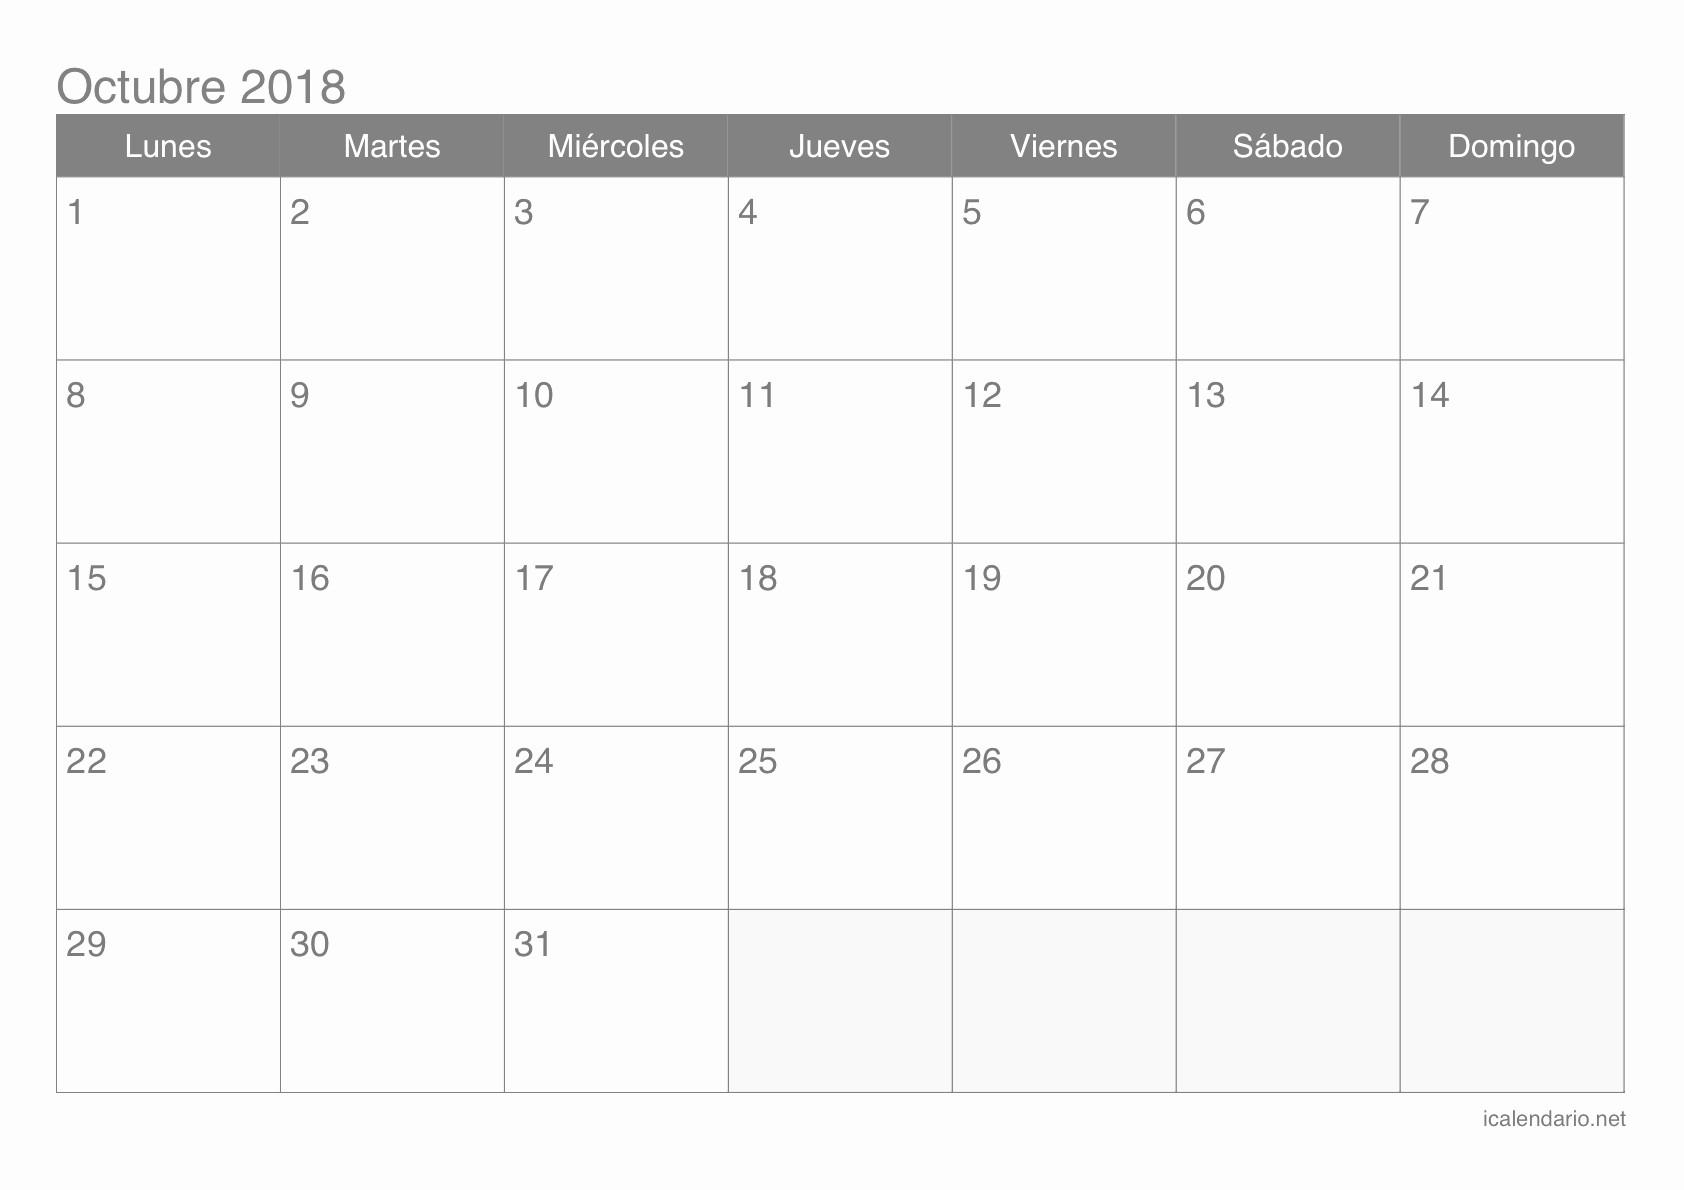 Calendario Octubre 2019 Per Imprimir Más Arriba-a-fecha Puente Octubre Calendario 2019 Of Calendario Octubre 2019 Per Imprimir Más Actual Calendario Octubre 2018 organizarme